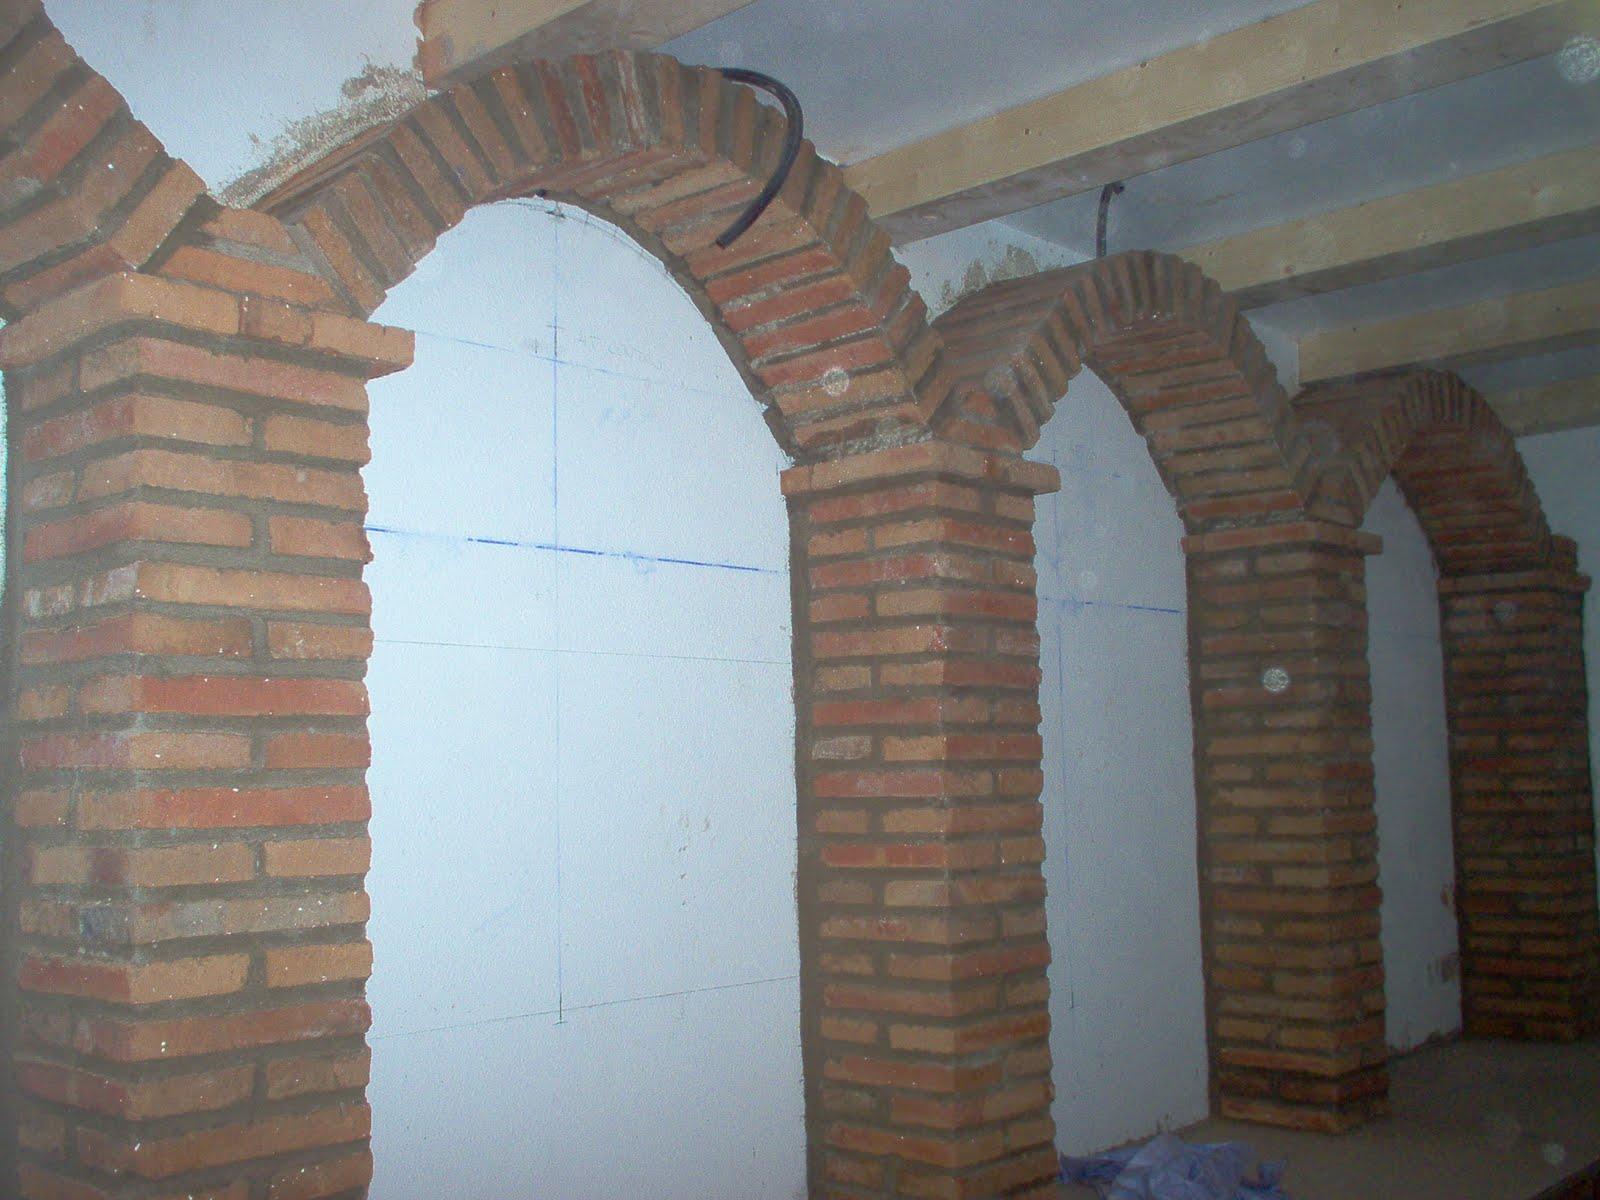 Arcos de ladrillos rusticos la puerta de entrada mira al for Arcos de ladrillo rustico